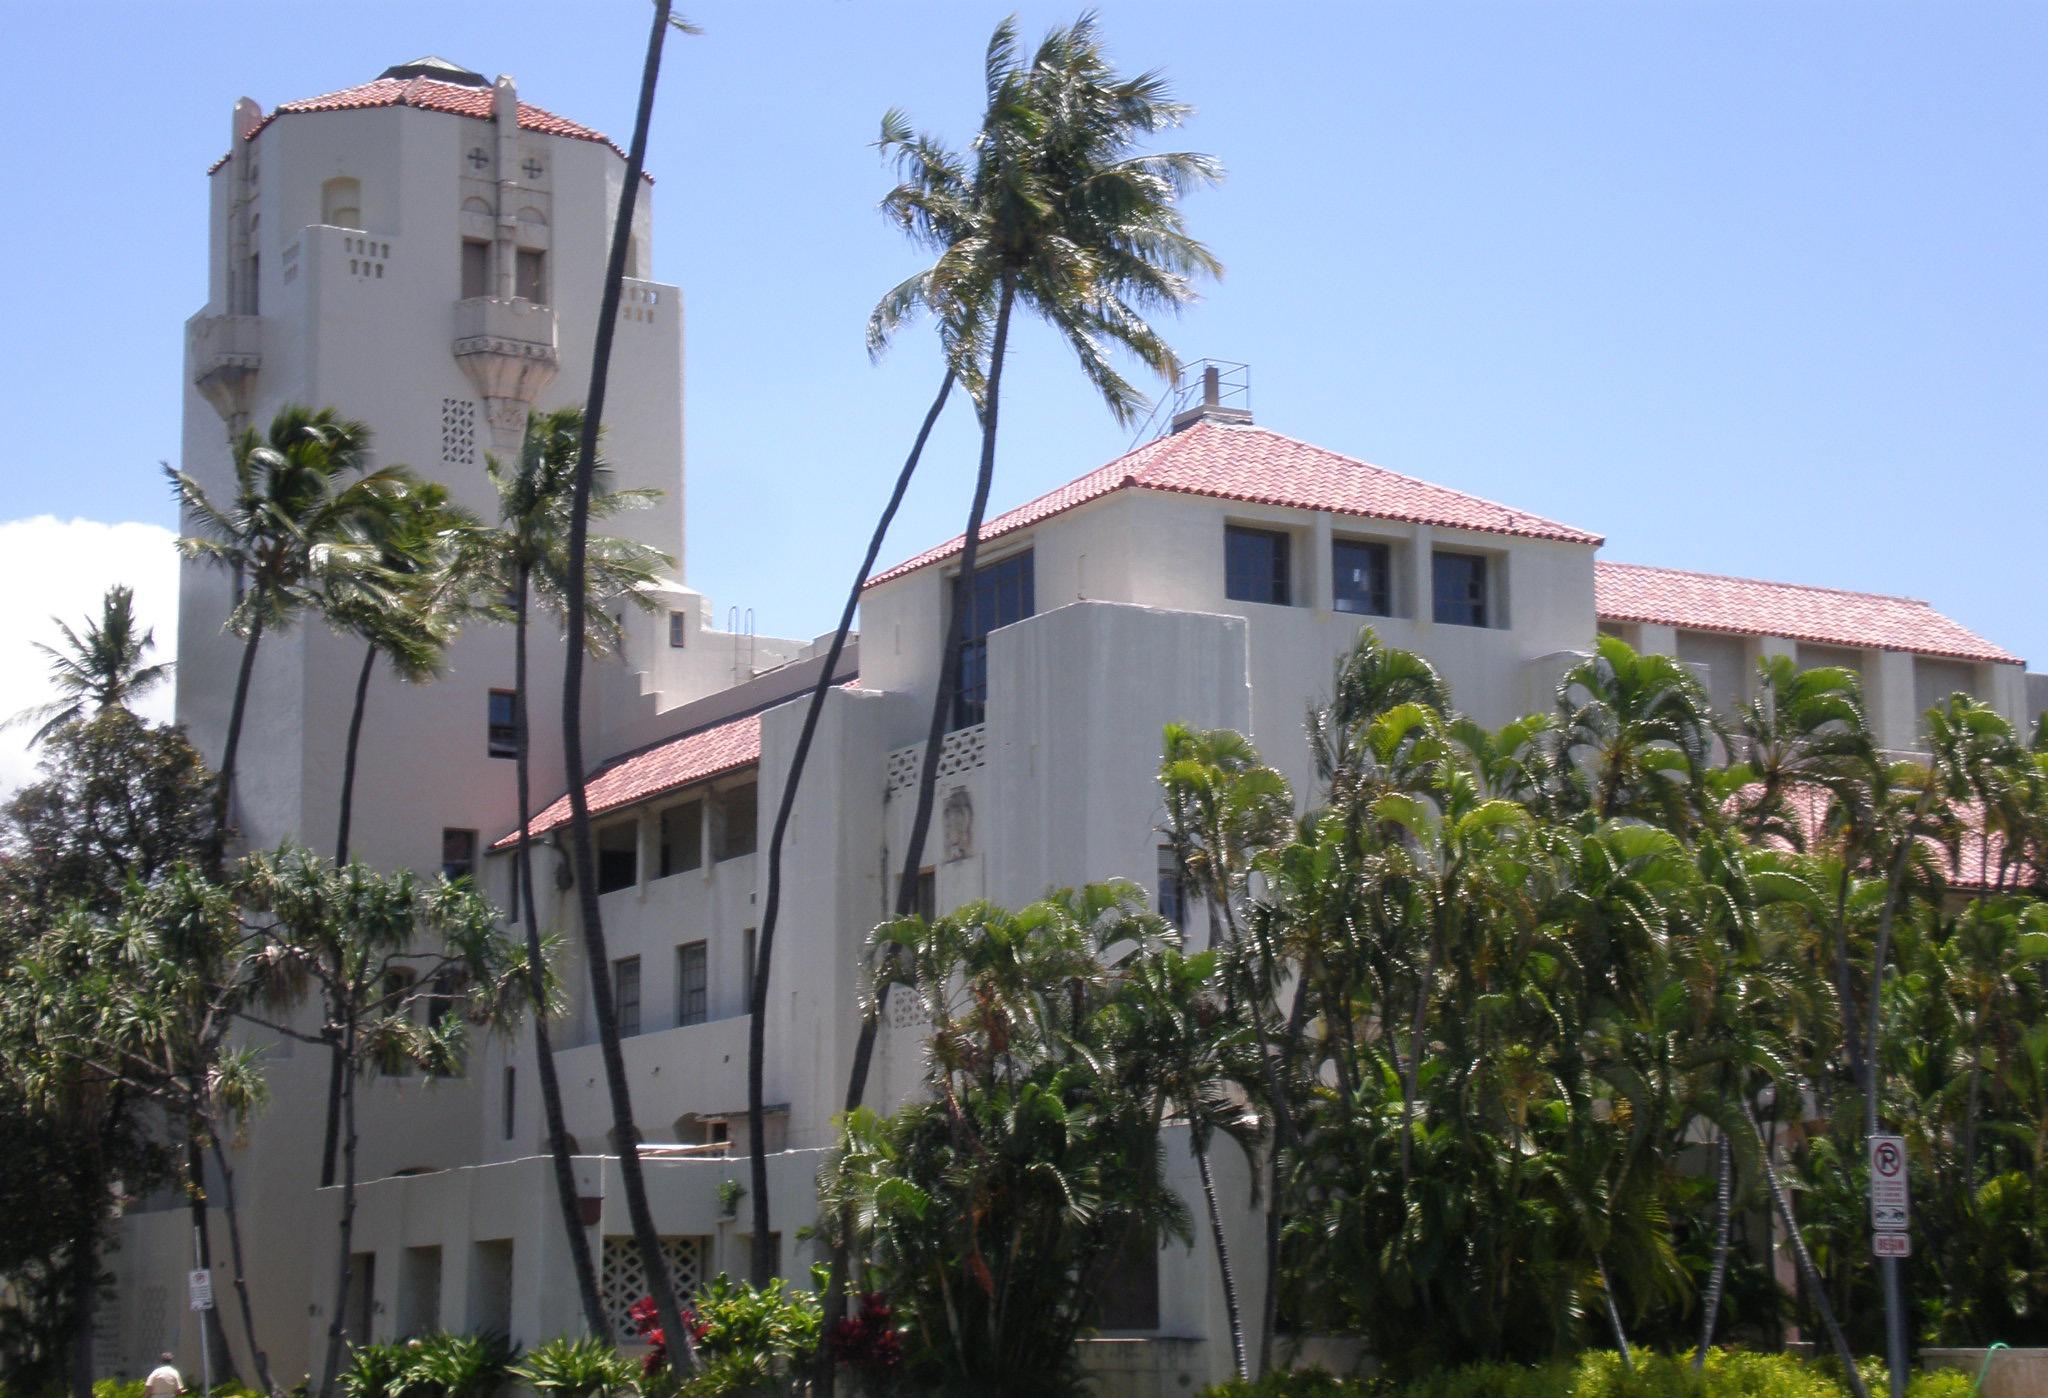 Honolulu, Hawaii Población, El Tiempo, Demografía, Datos, Historia, Alcalde, Lugares emblemáticos